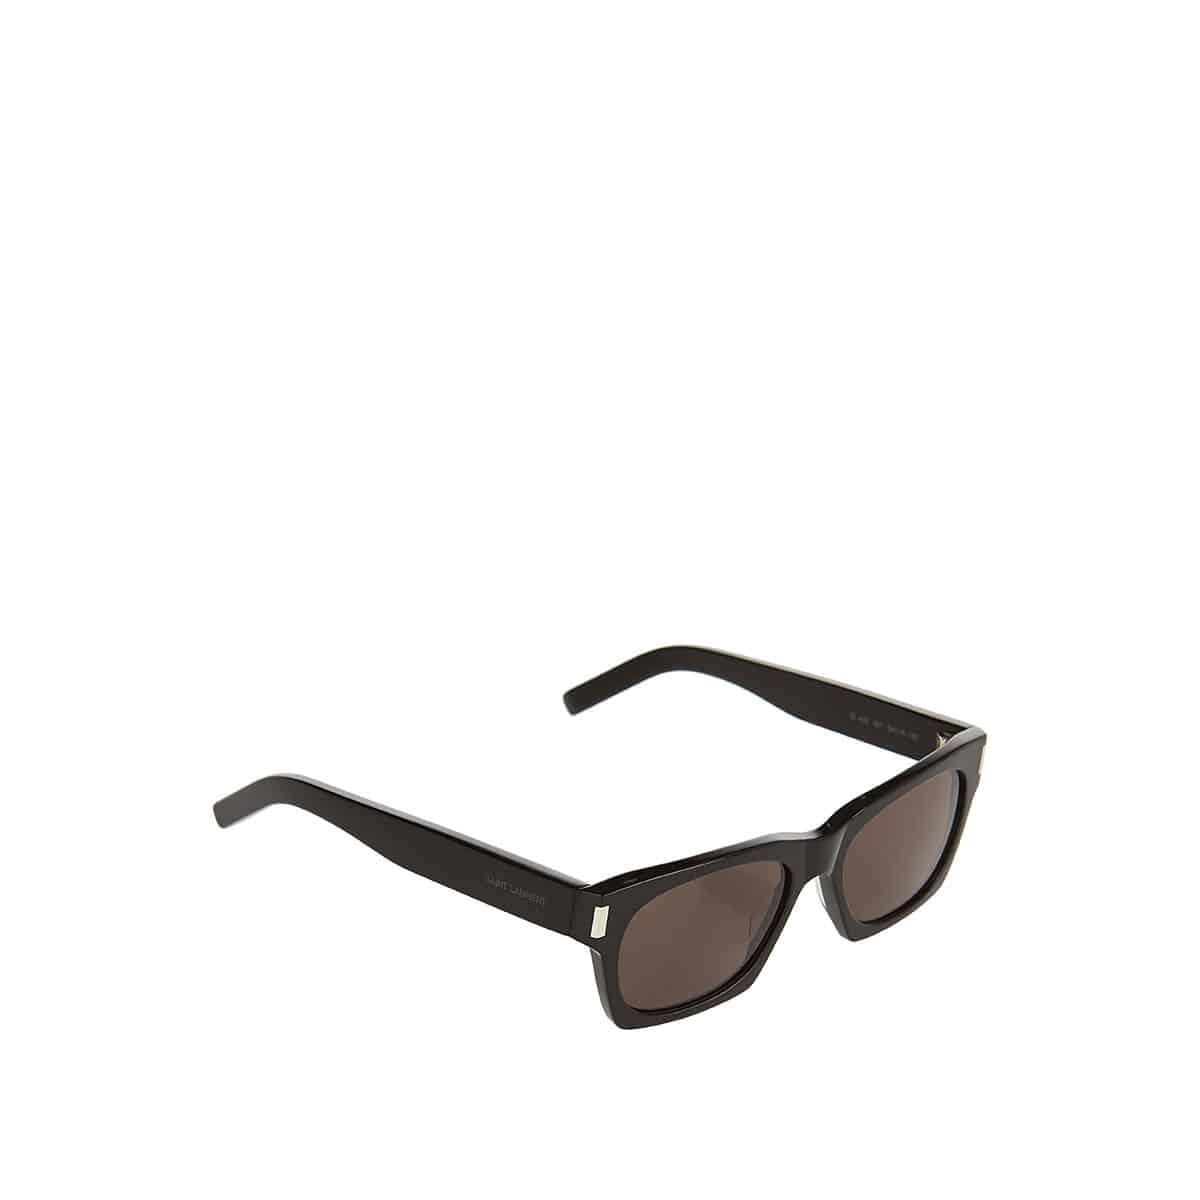 SL 402 square acetate sunglassesSL 402 square acetate sunglasses